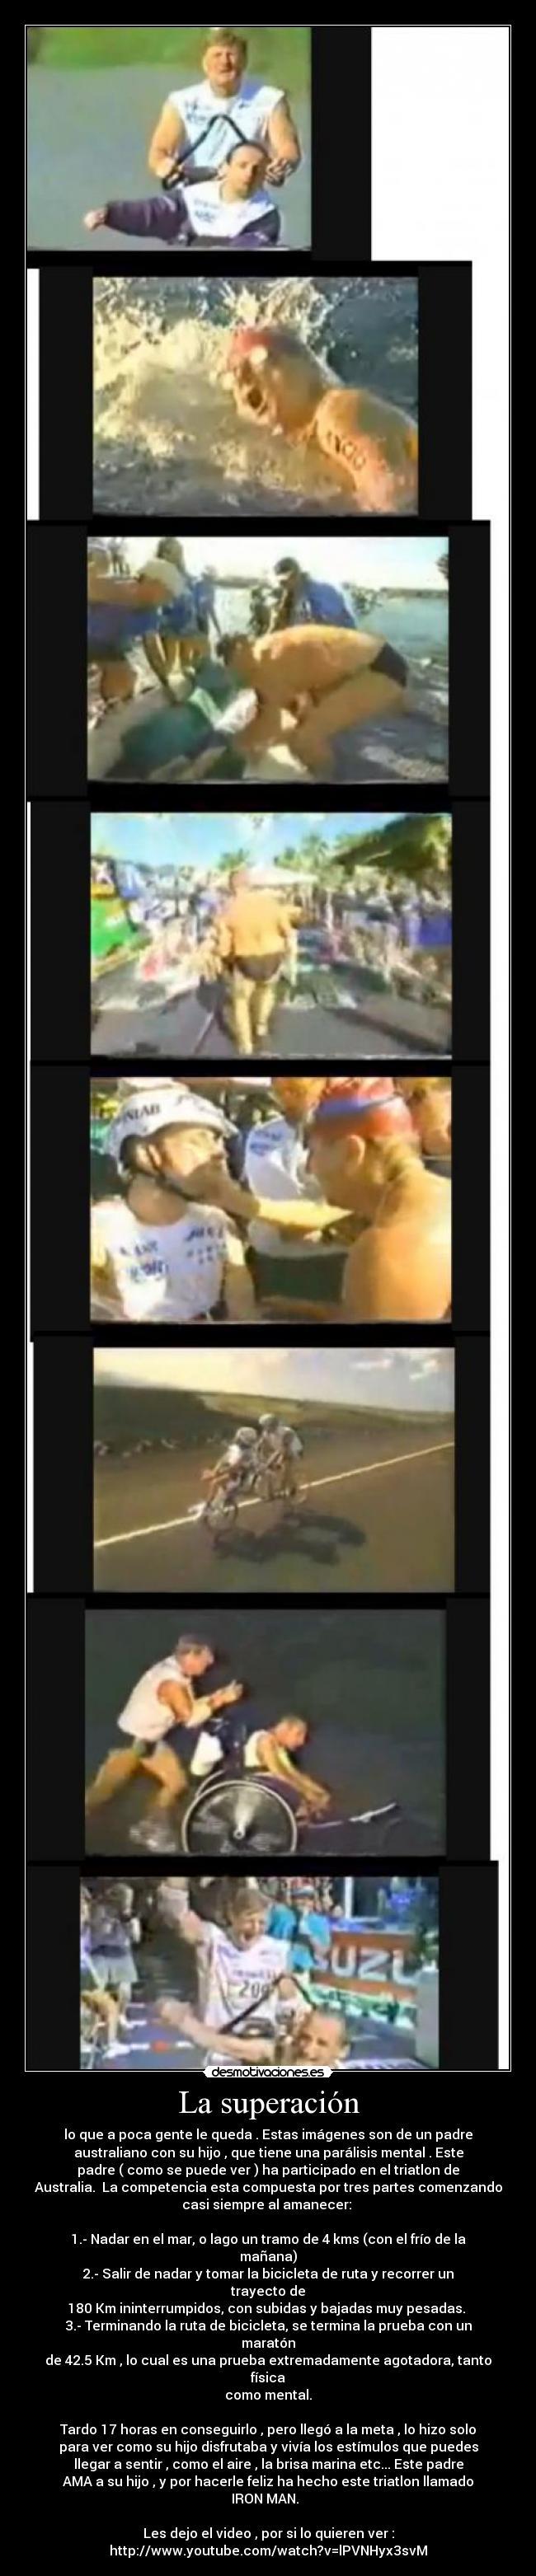 carteles padre amor triatlon australia hijo mentalidad fuerza superacion desmotivaciones